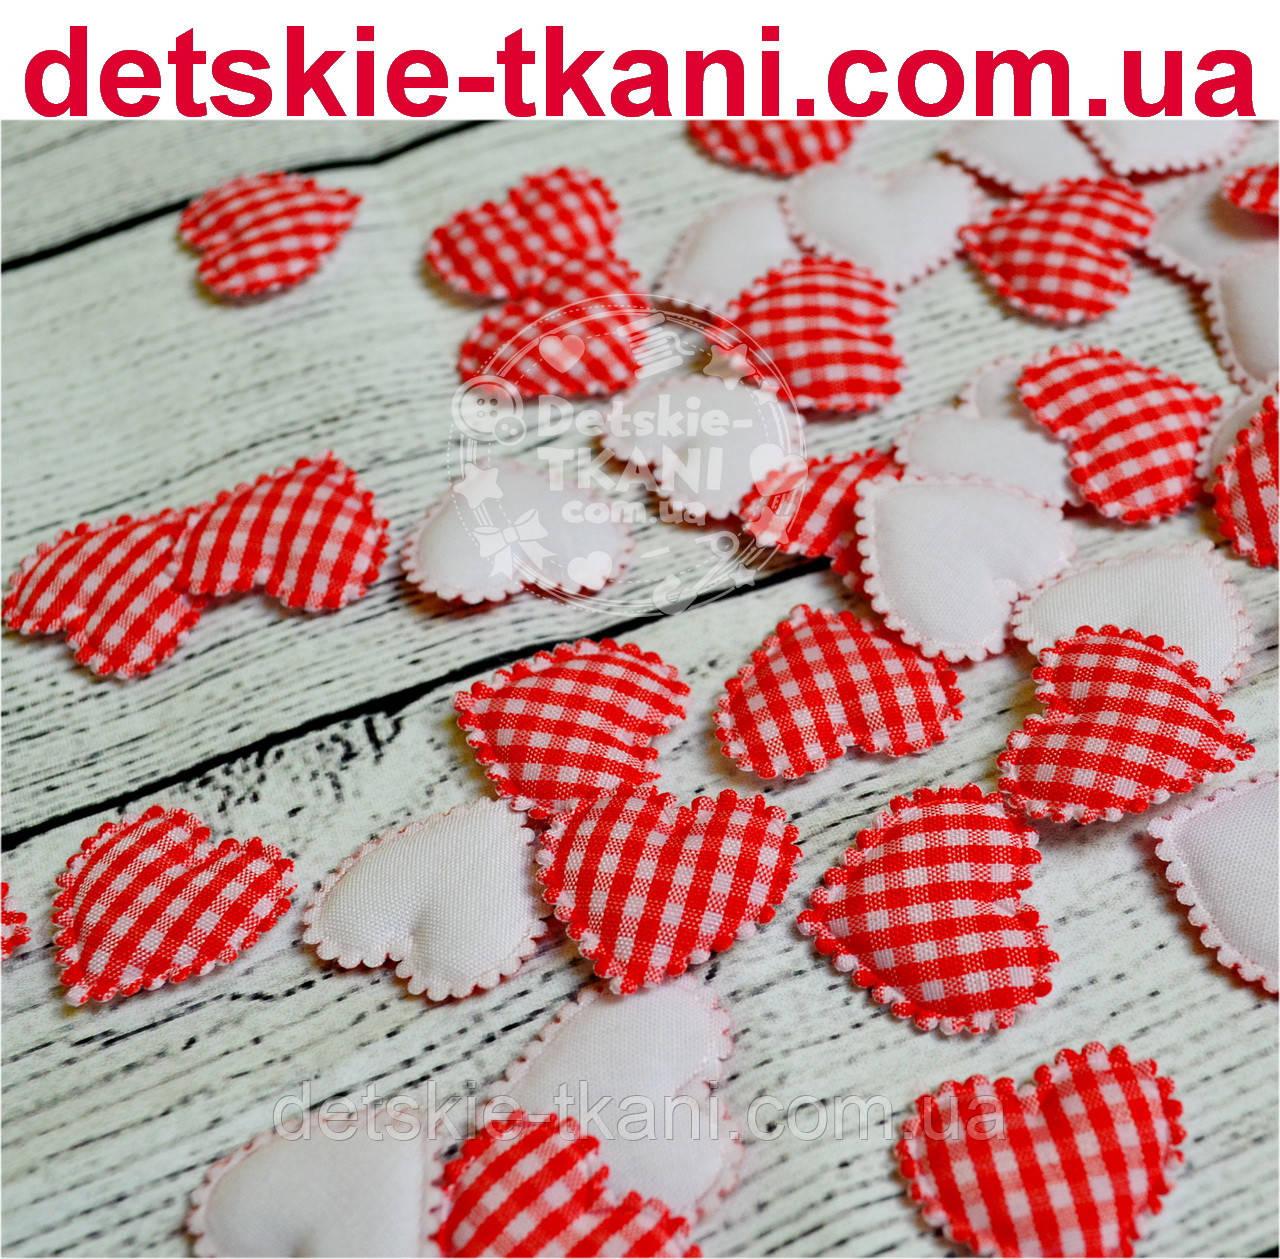 Декор сердечки в красную клеточку с ажурным краем